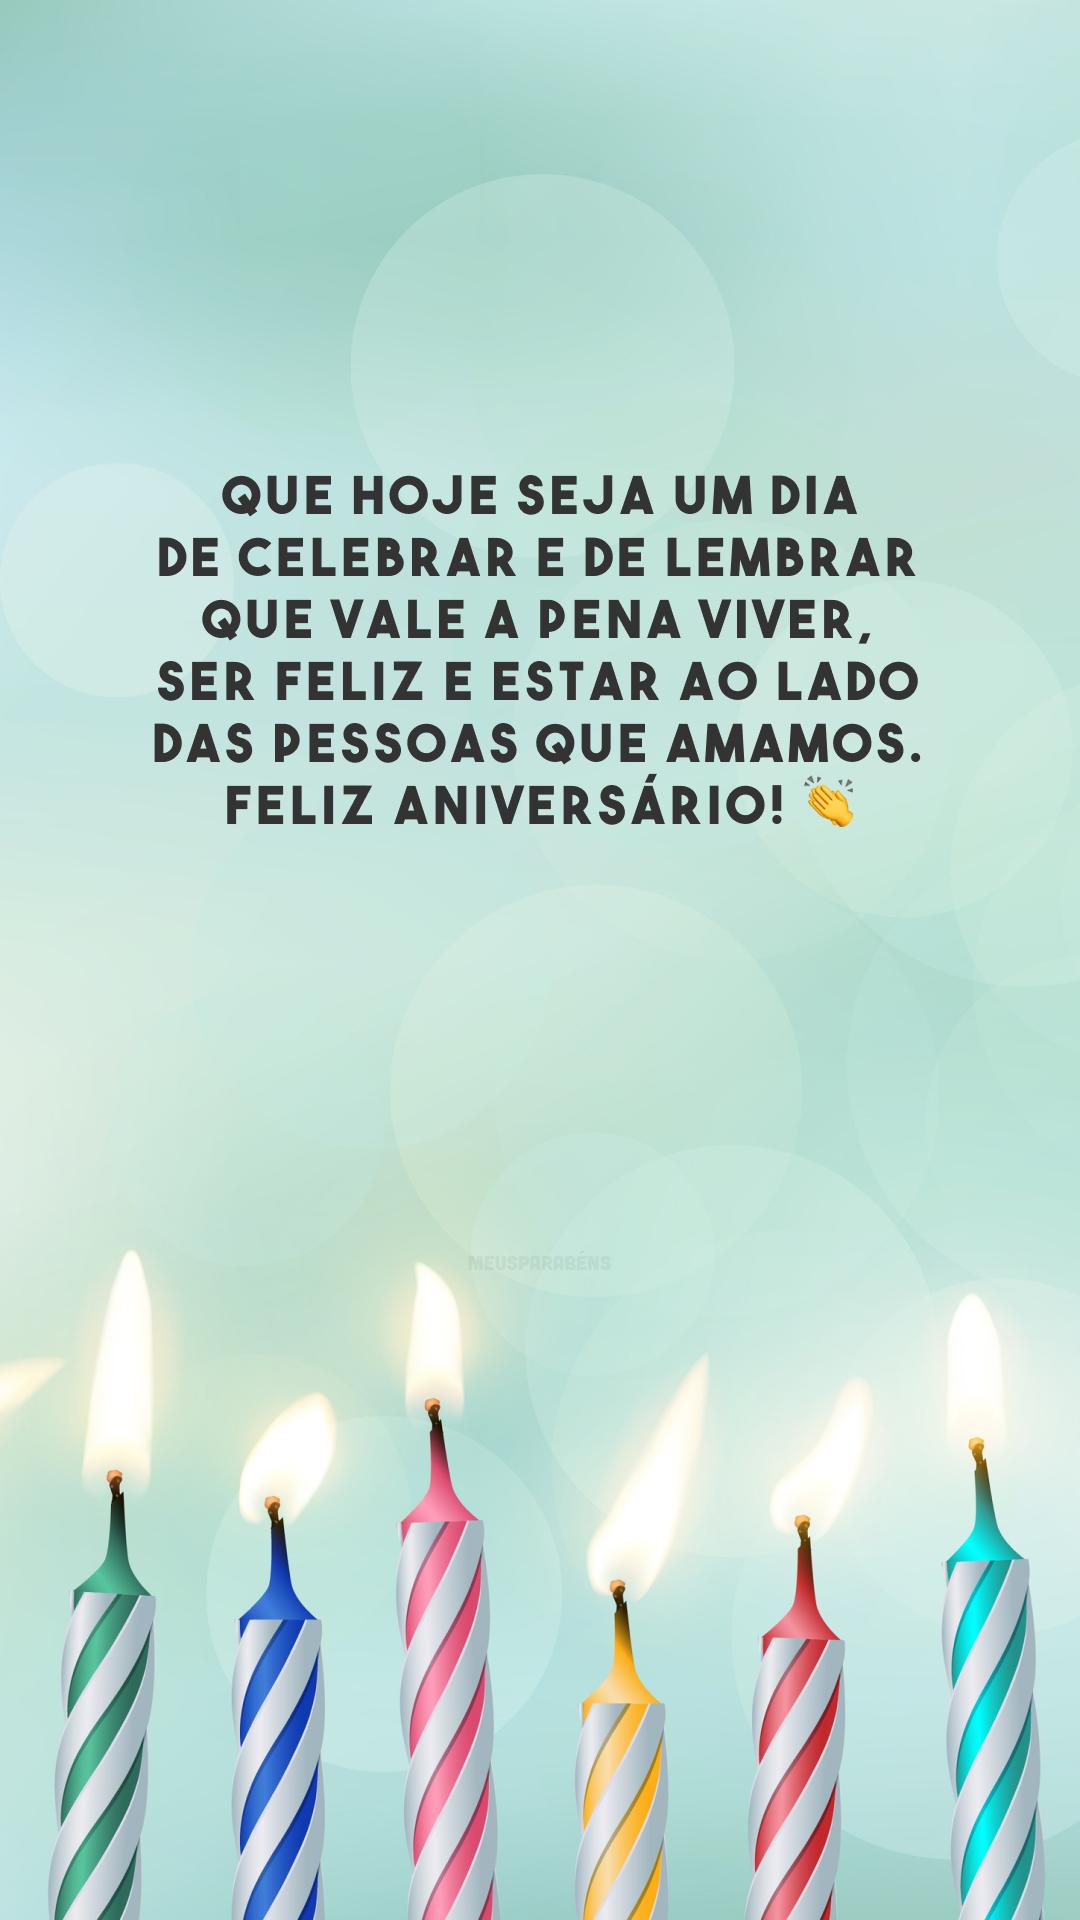 Que hoje seja um dia de celebrar e de lembrar que vale a pena viver, ser feliz e estar ao lado das pessoas que amamos. Feliz aniversário! 👏